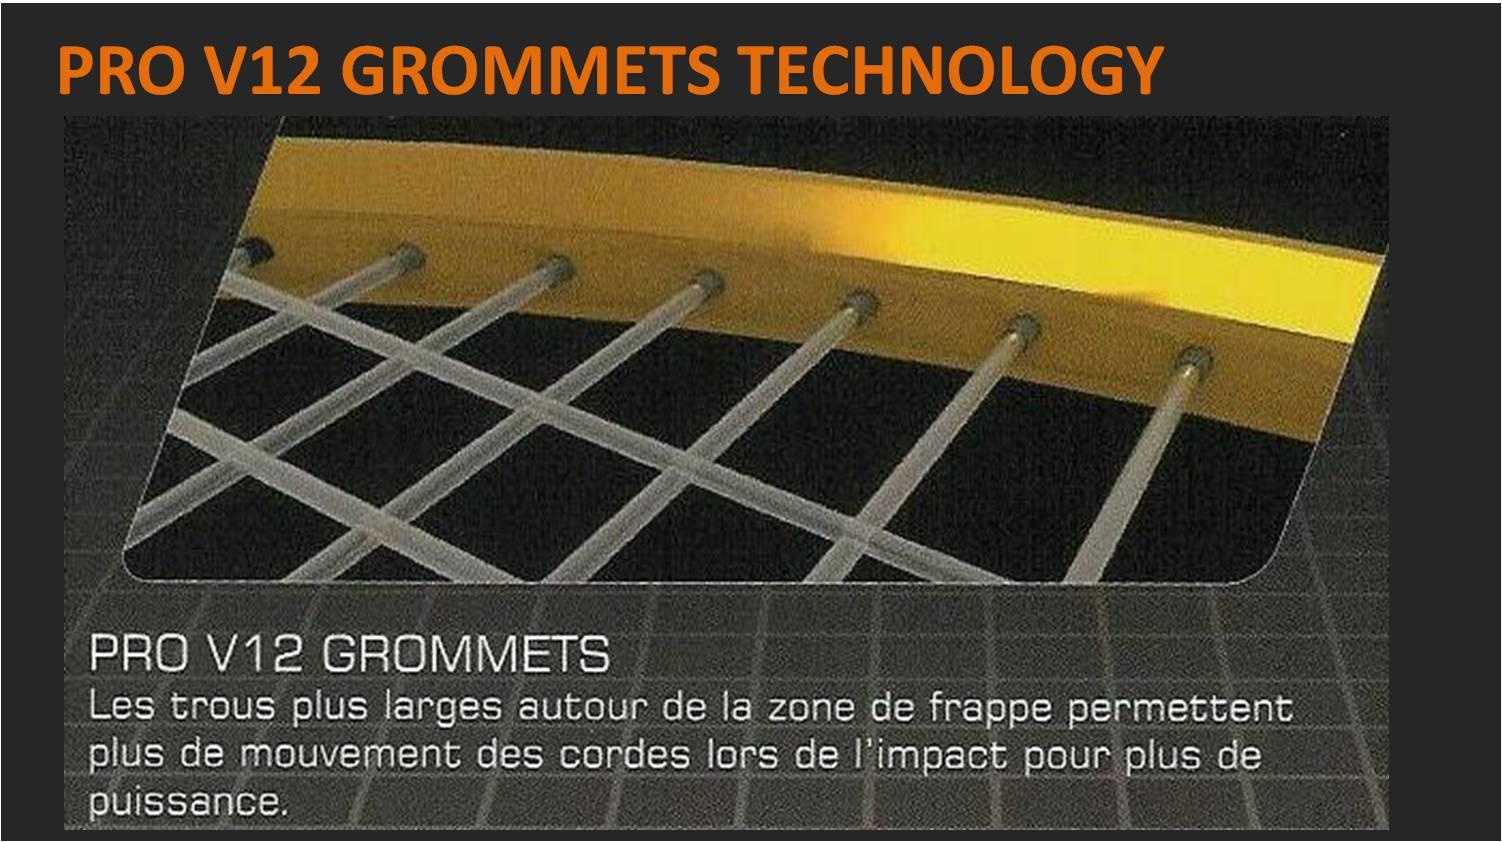 PRO_V12_GROMMETS_TECHNOLOGY